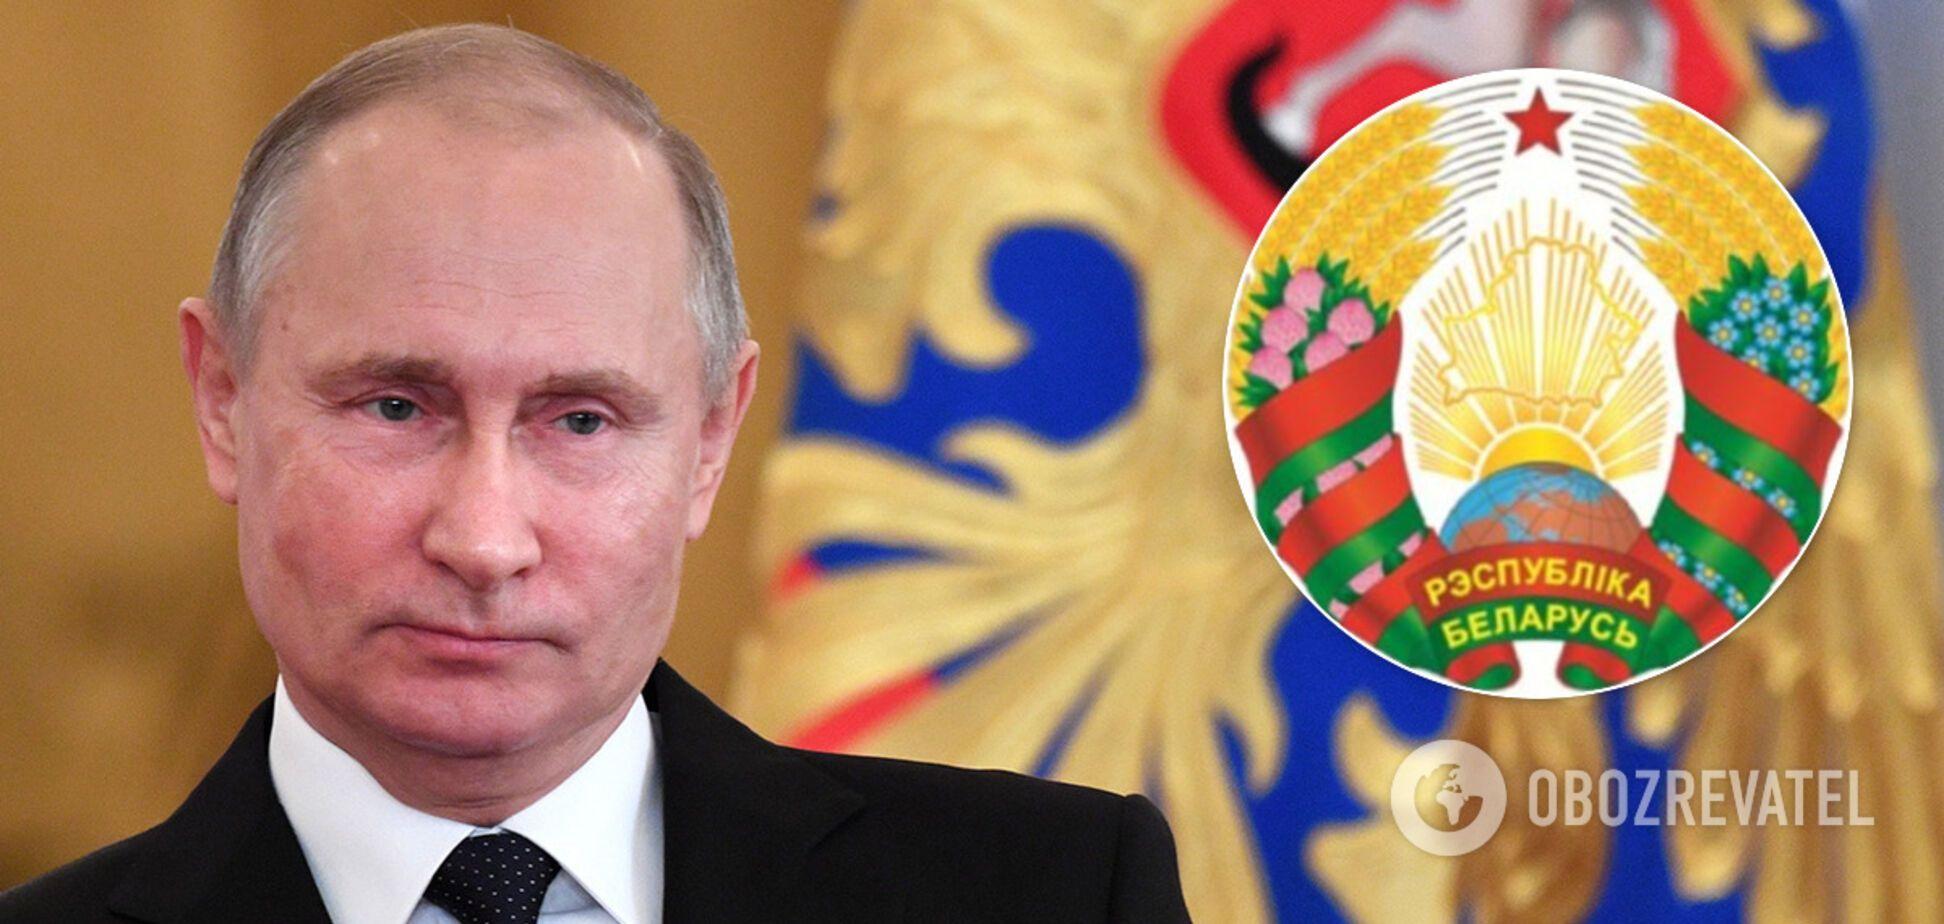 Как Путин будет убивать Беларусь